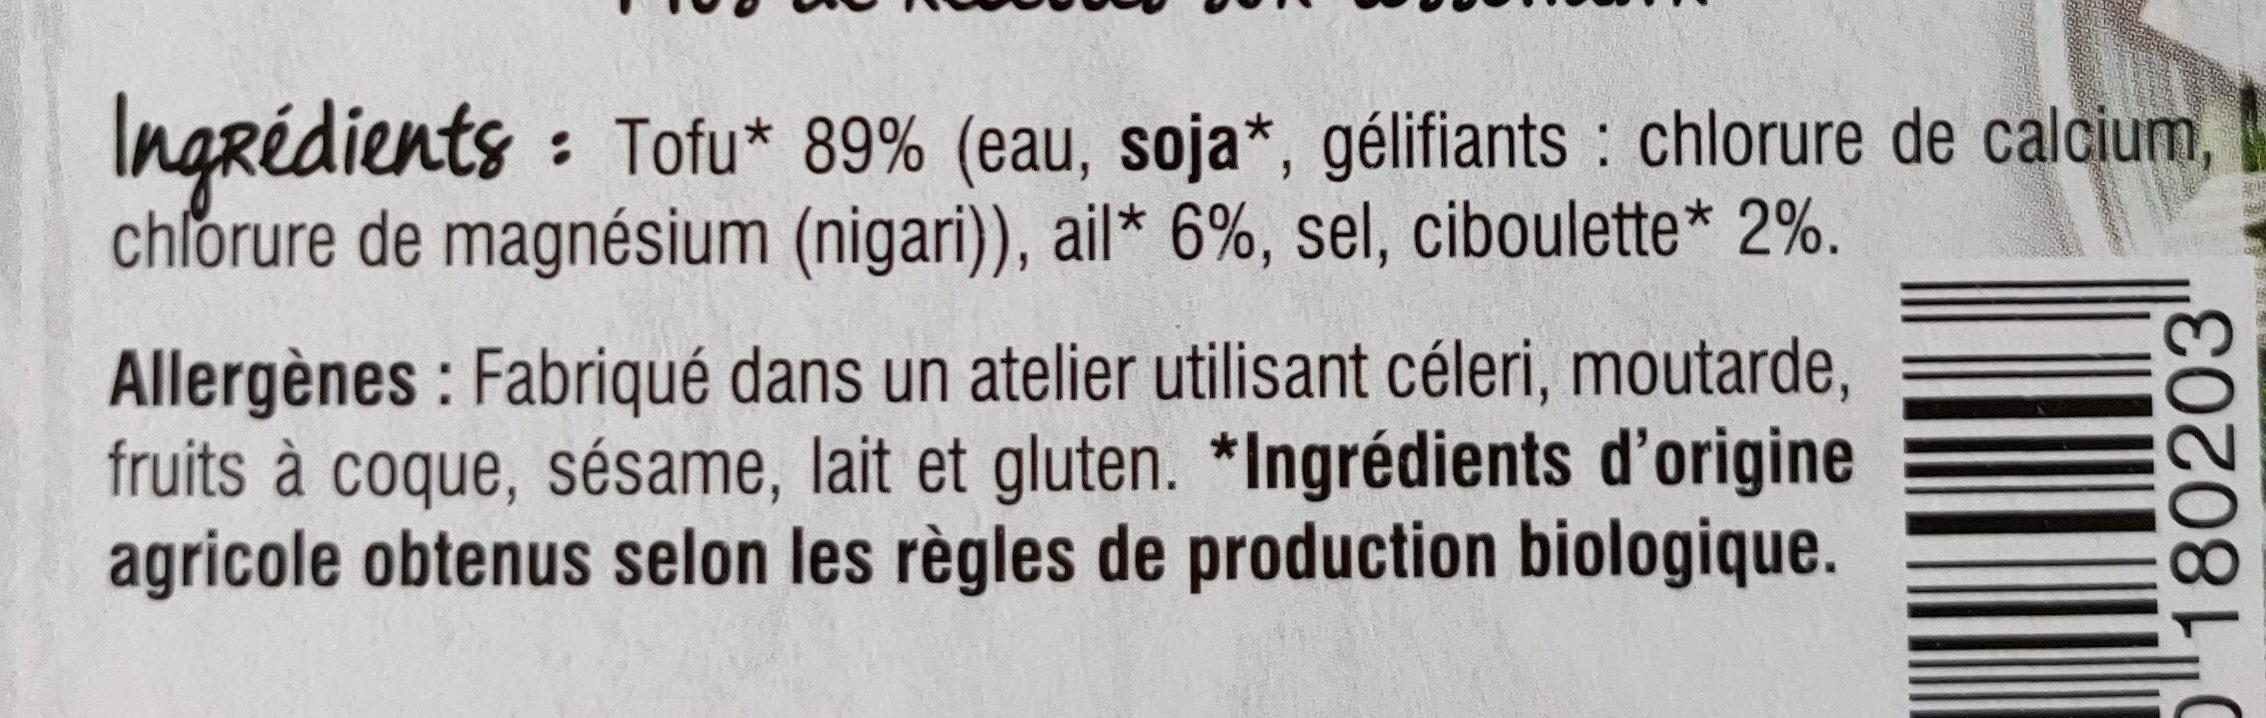 Tofu Ail & Ciboulette - Ingrédients - fr